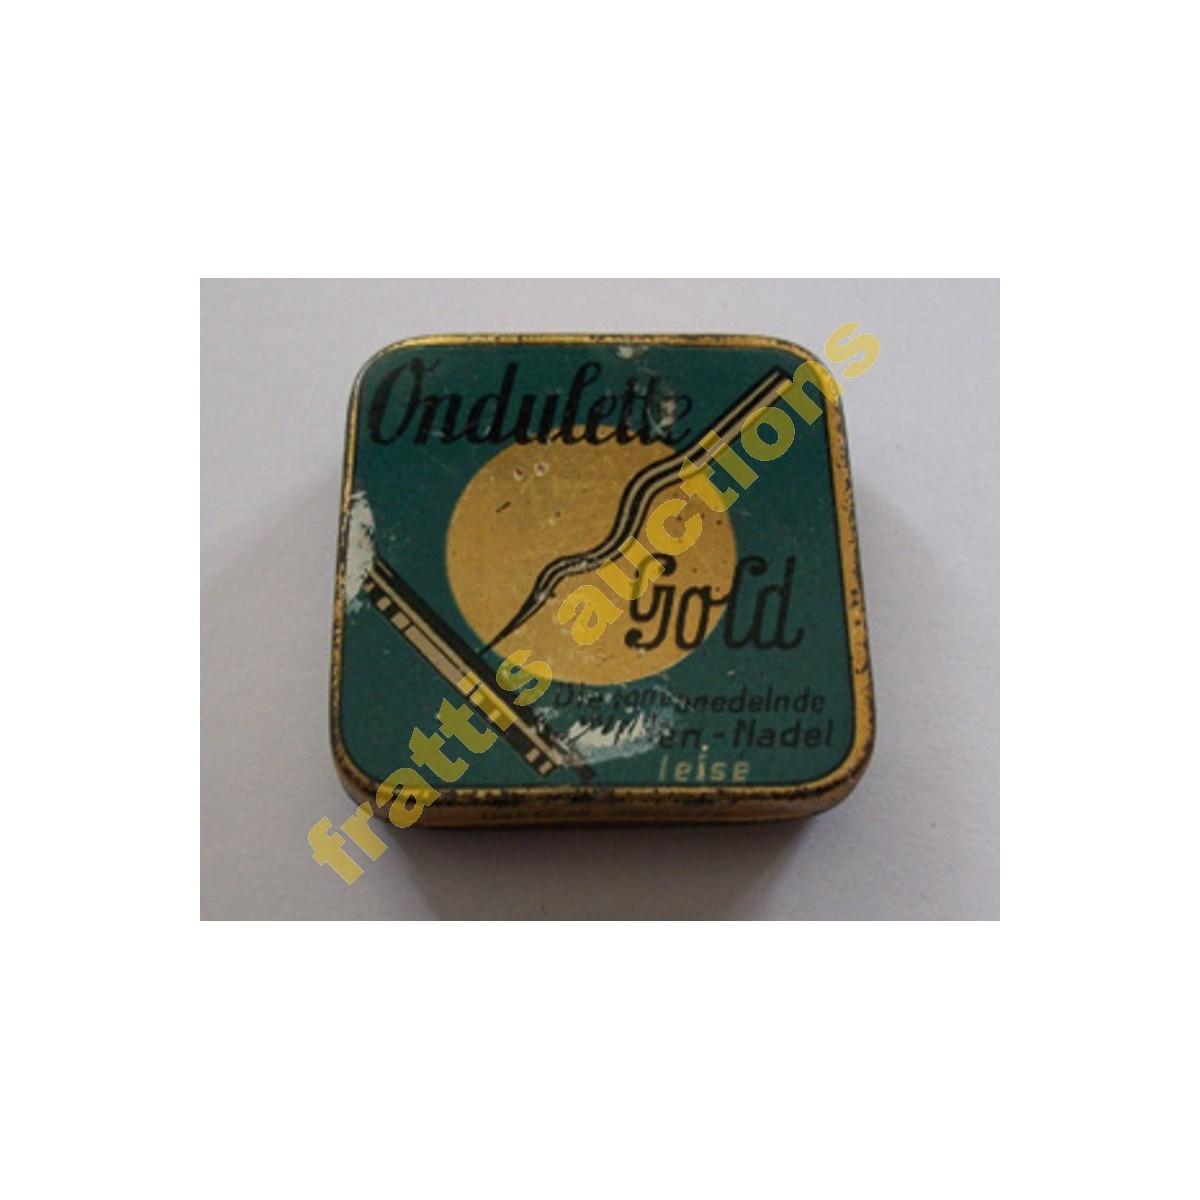 Μεταλλικό κουτάκι με βελόνες γραμμοφώνου, Ondulette gold. Γερμανία.